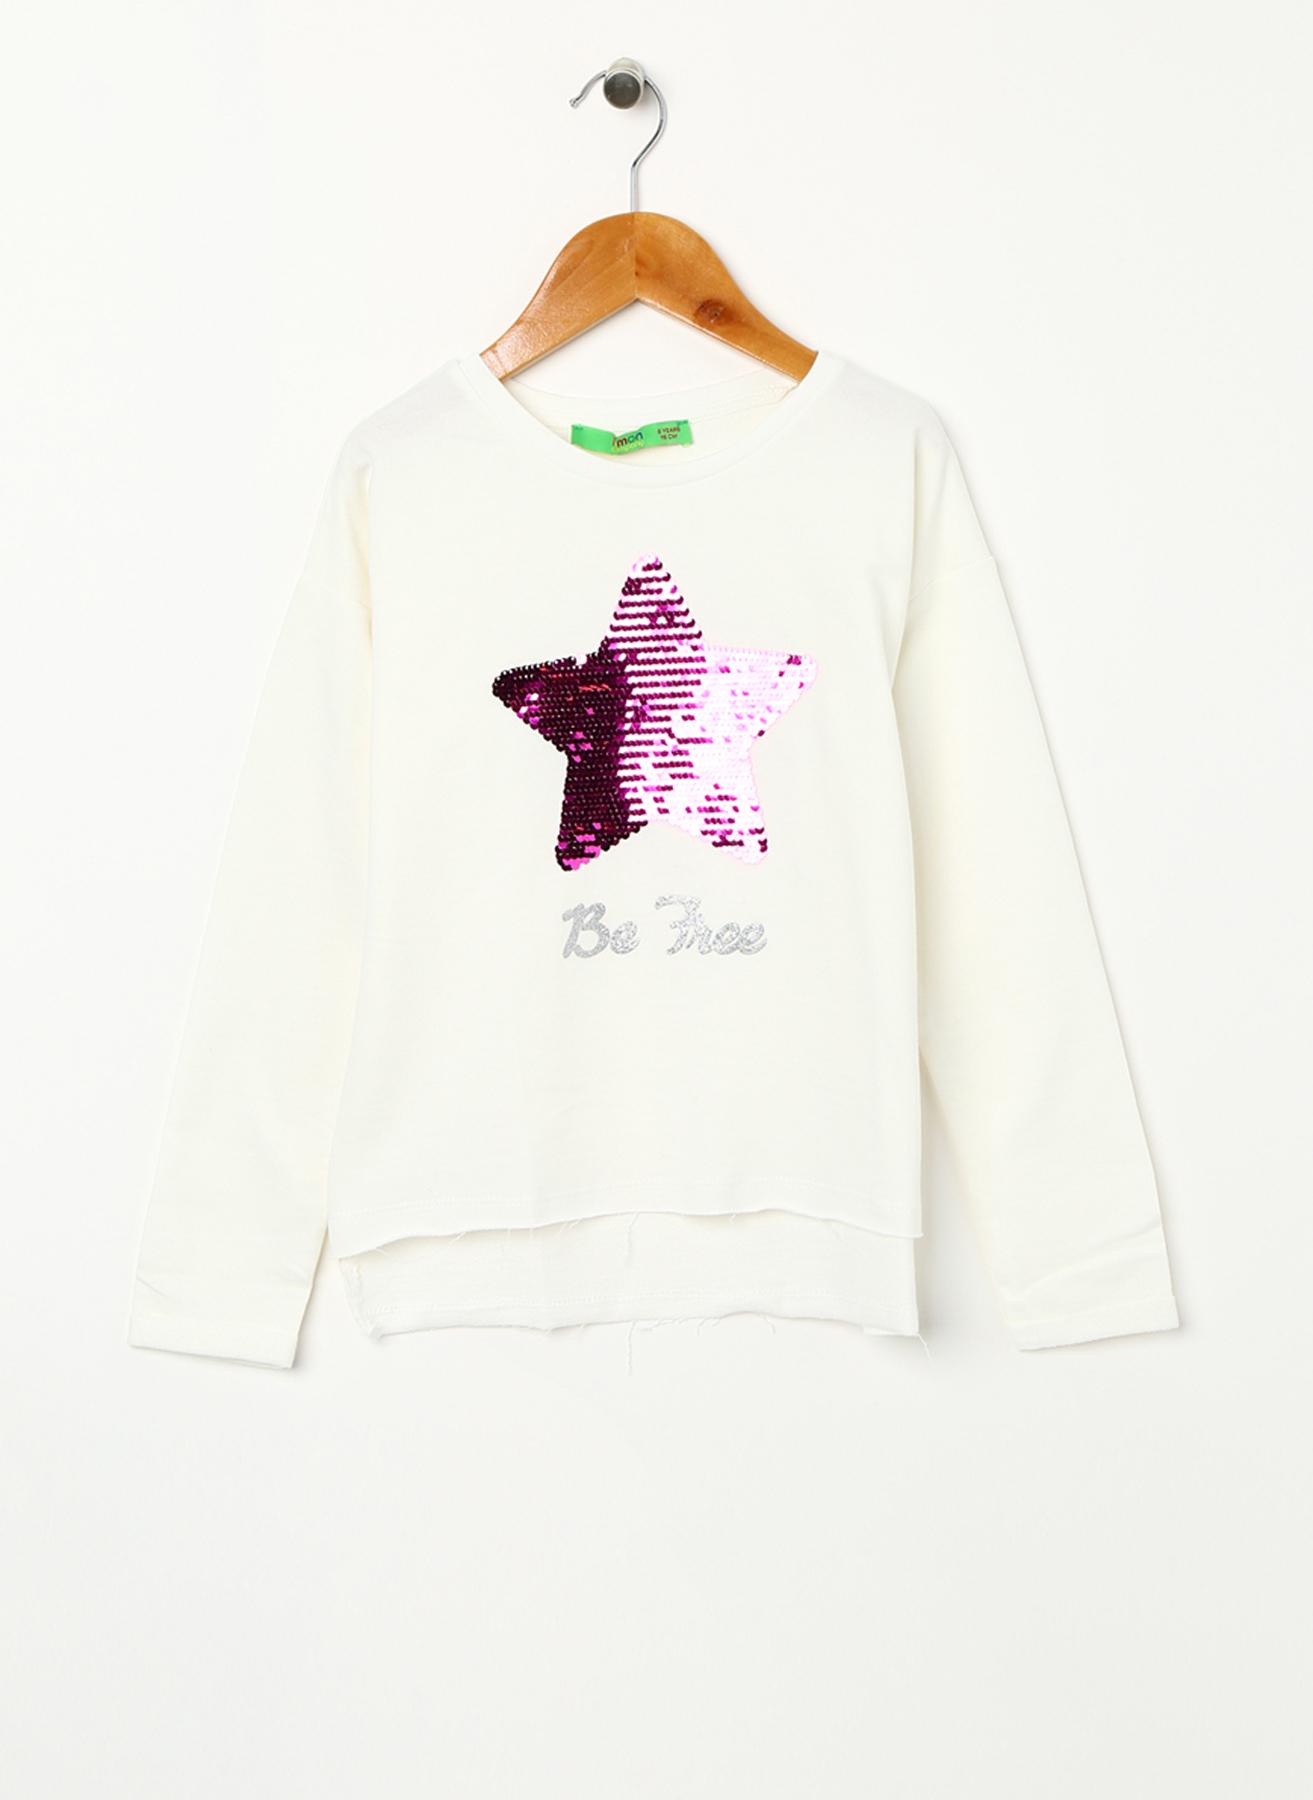 Limon Pullu Yıldız İşlemeli Sweatshirt 11-12 Yaş 5001703473007 Ürün Resmi